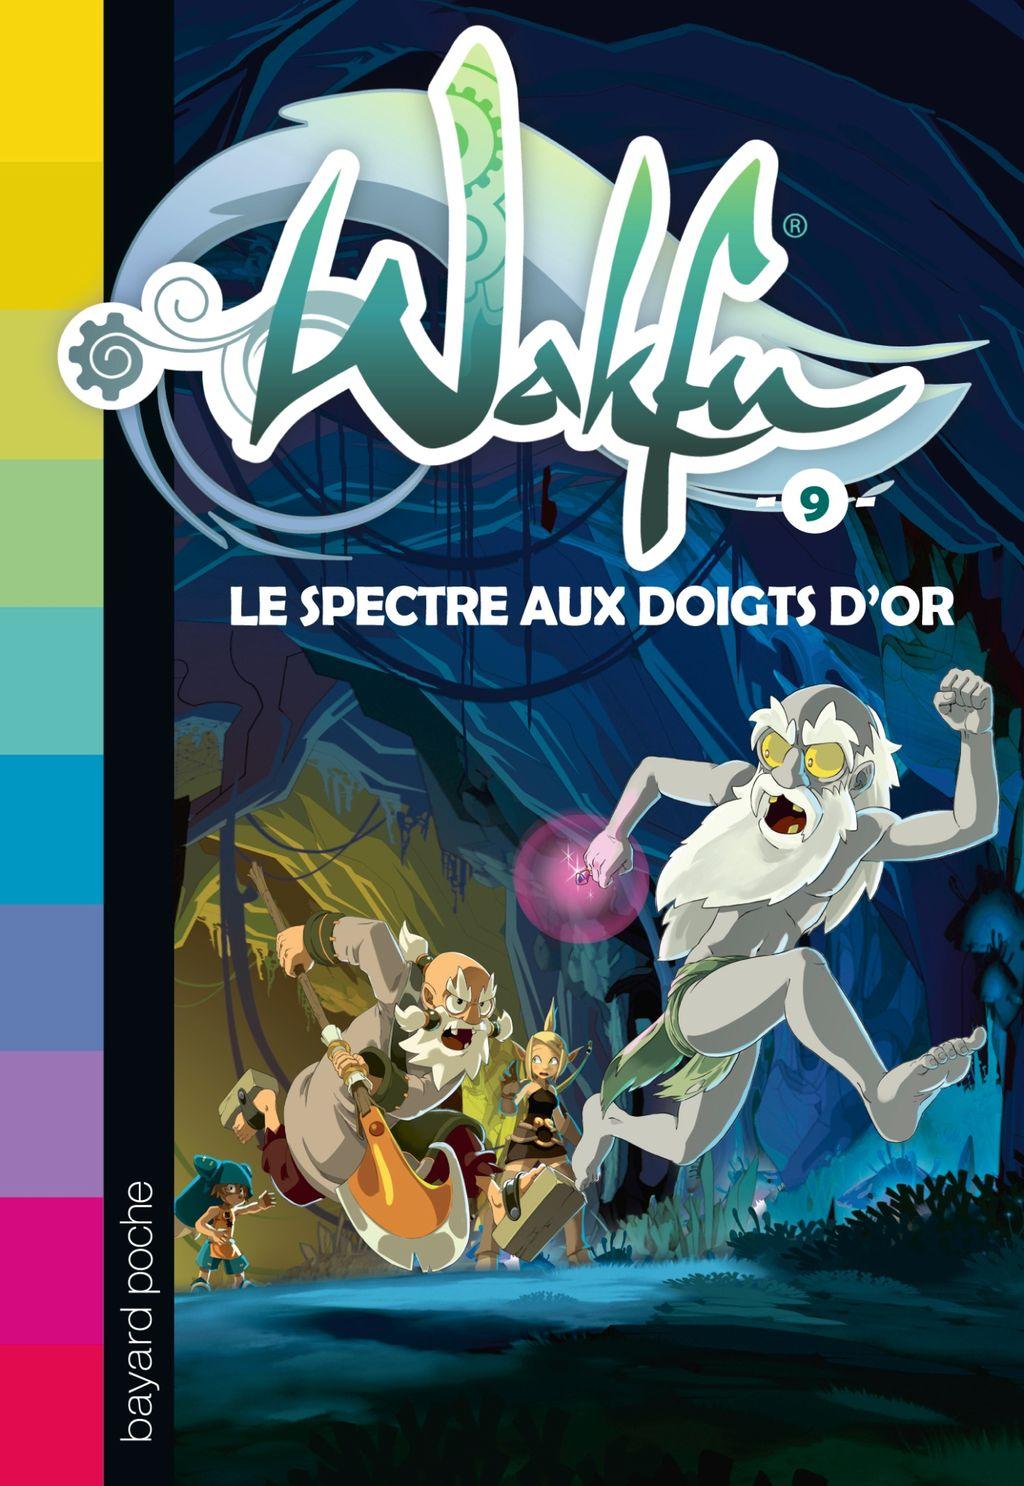 «Le spectre aux doigts d'or» cover